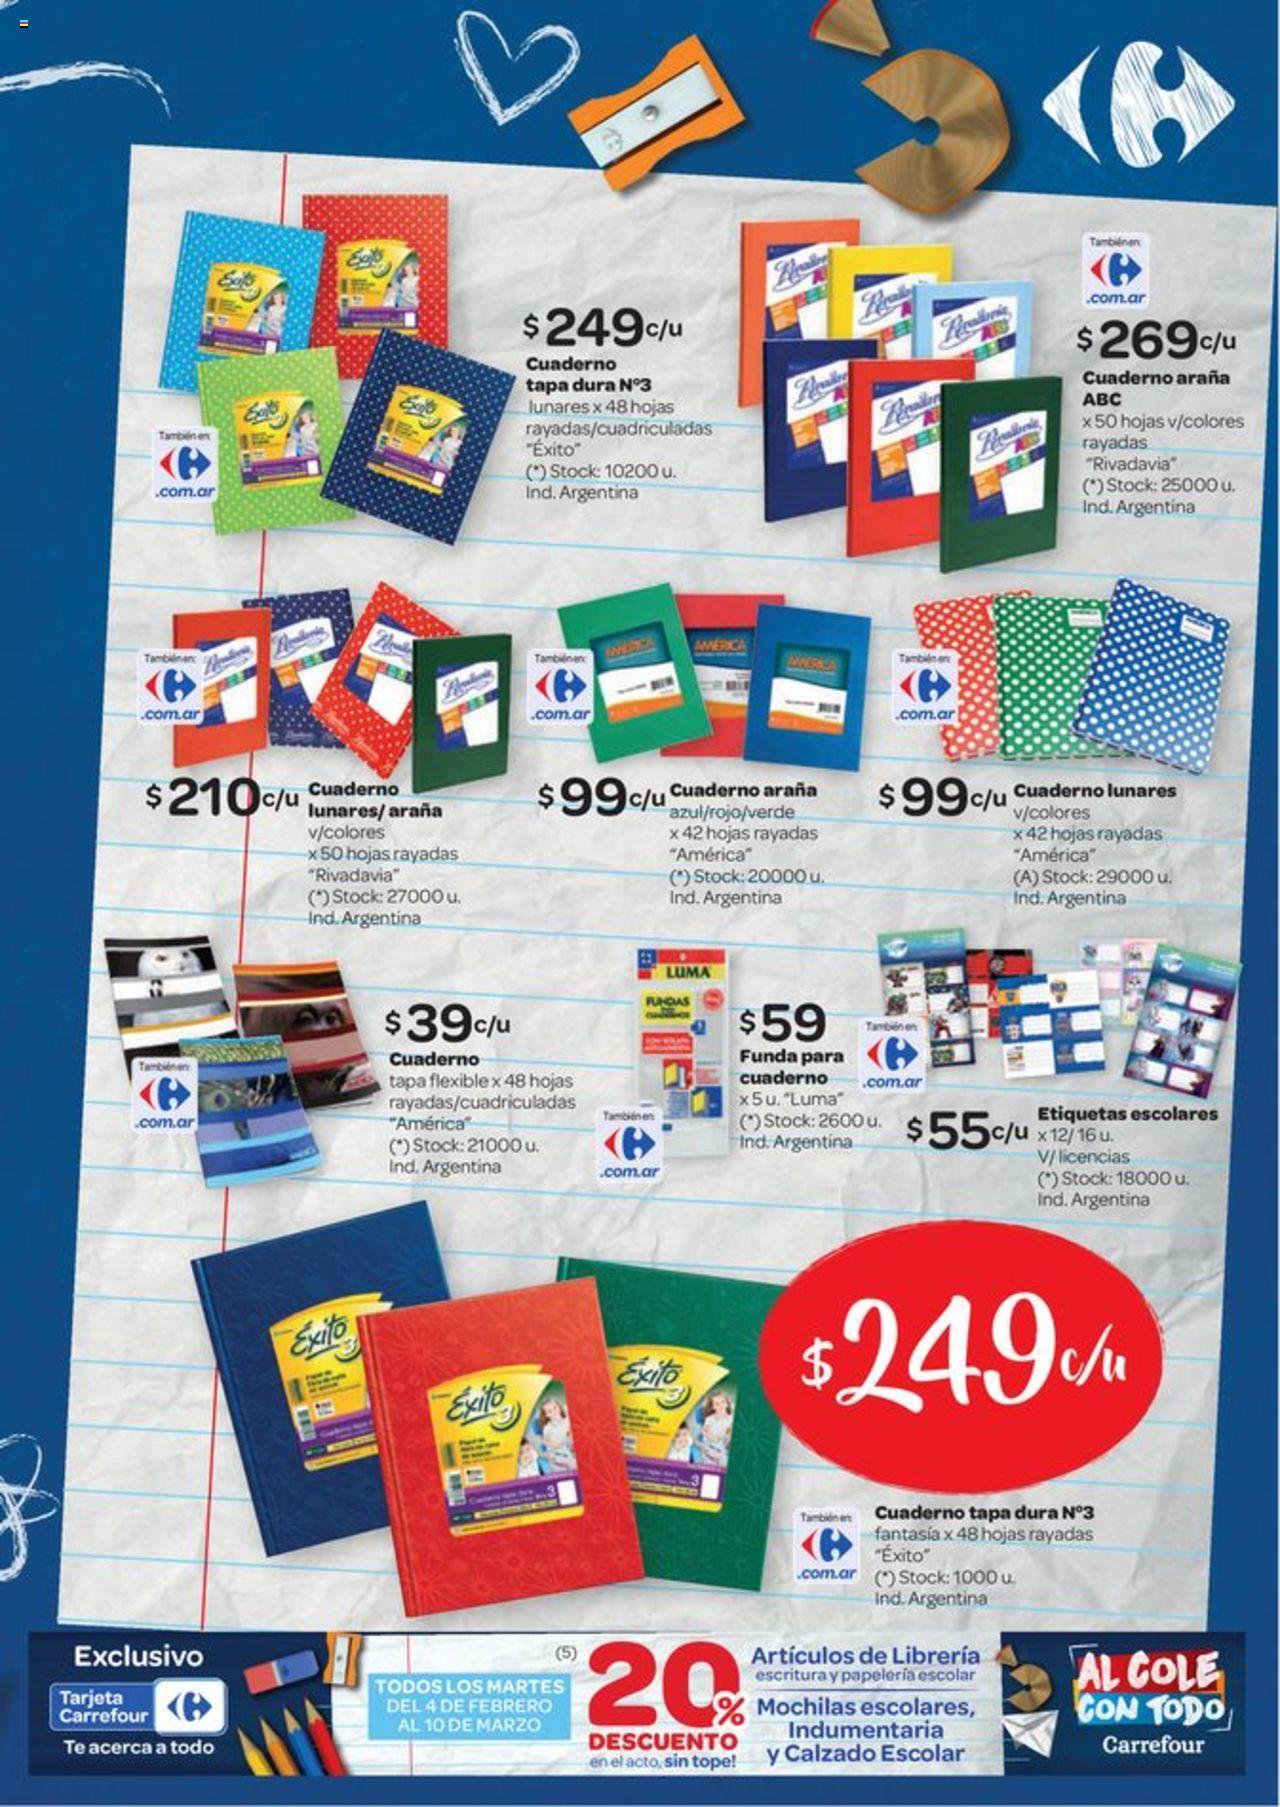 Carrefour Oferta válido desde el 13/02/2020 número de página 1 | Página: 5